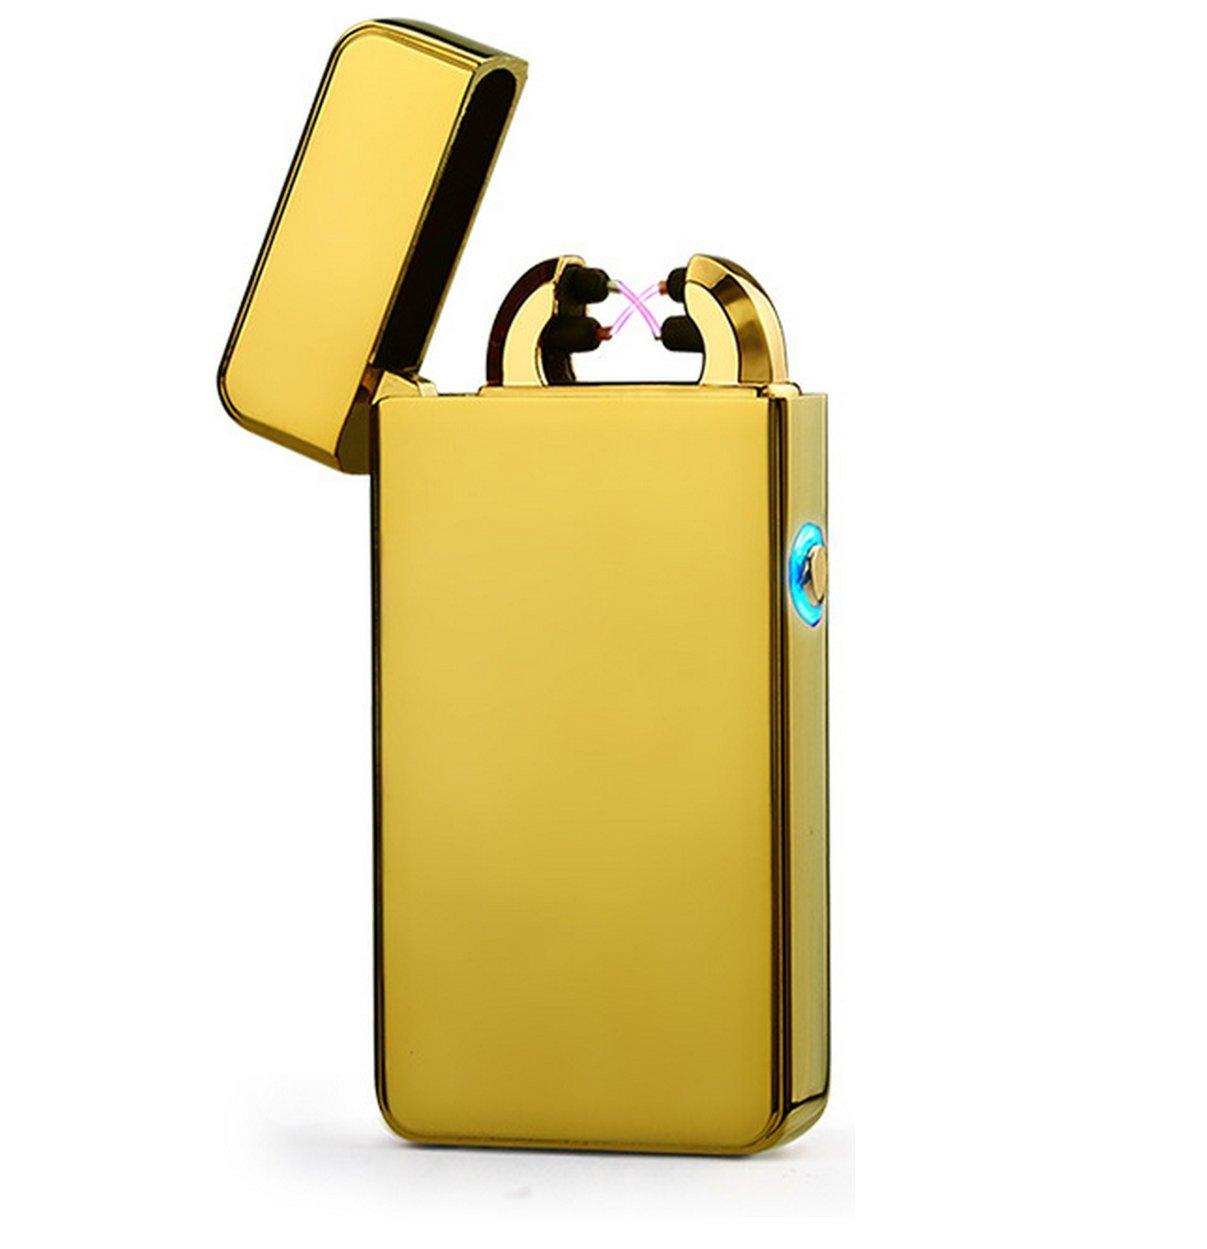 Aokvic Arc Accendino batteria usb accendini elettronici Dual Arc fascio accendisigari accendisigari no gas senza fiamma antivento